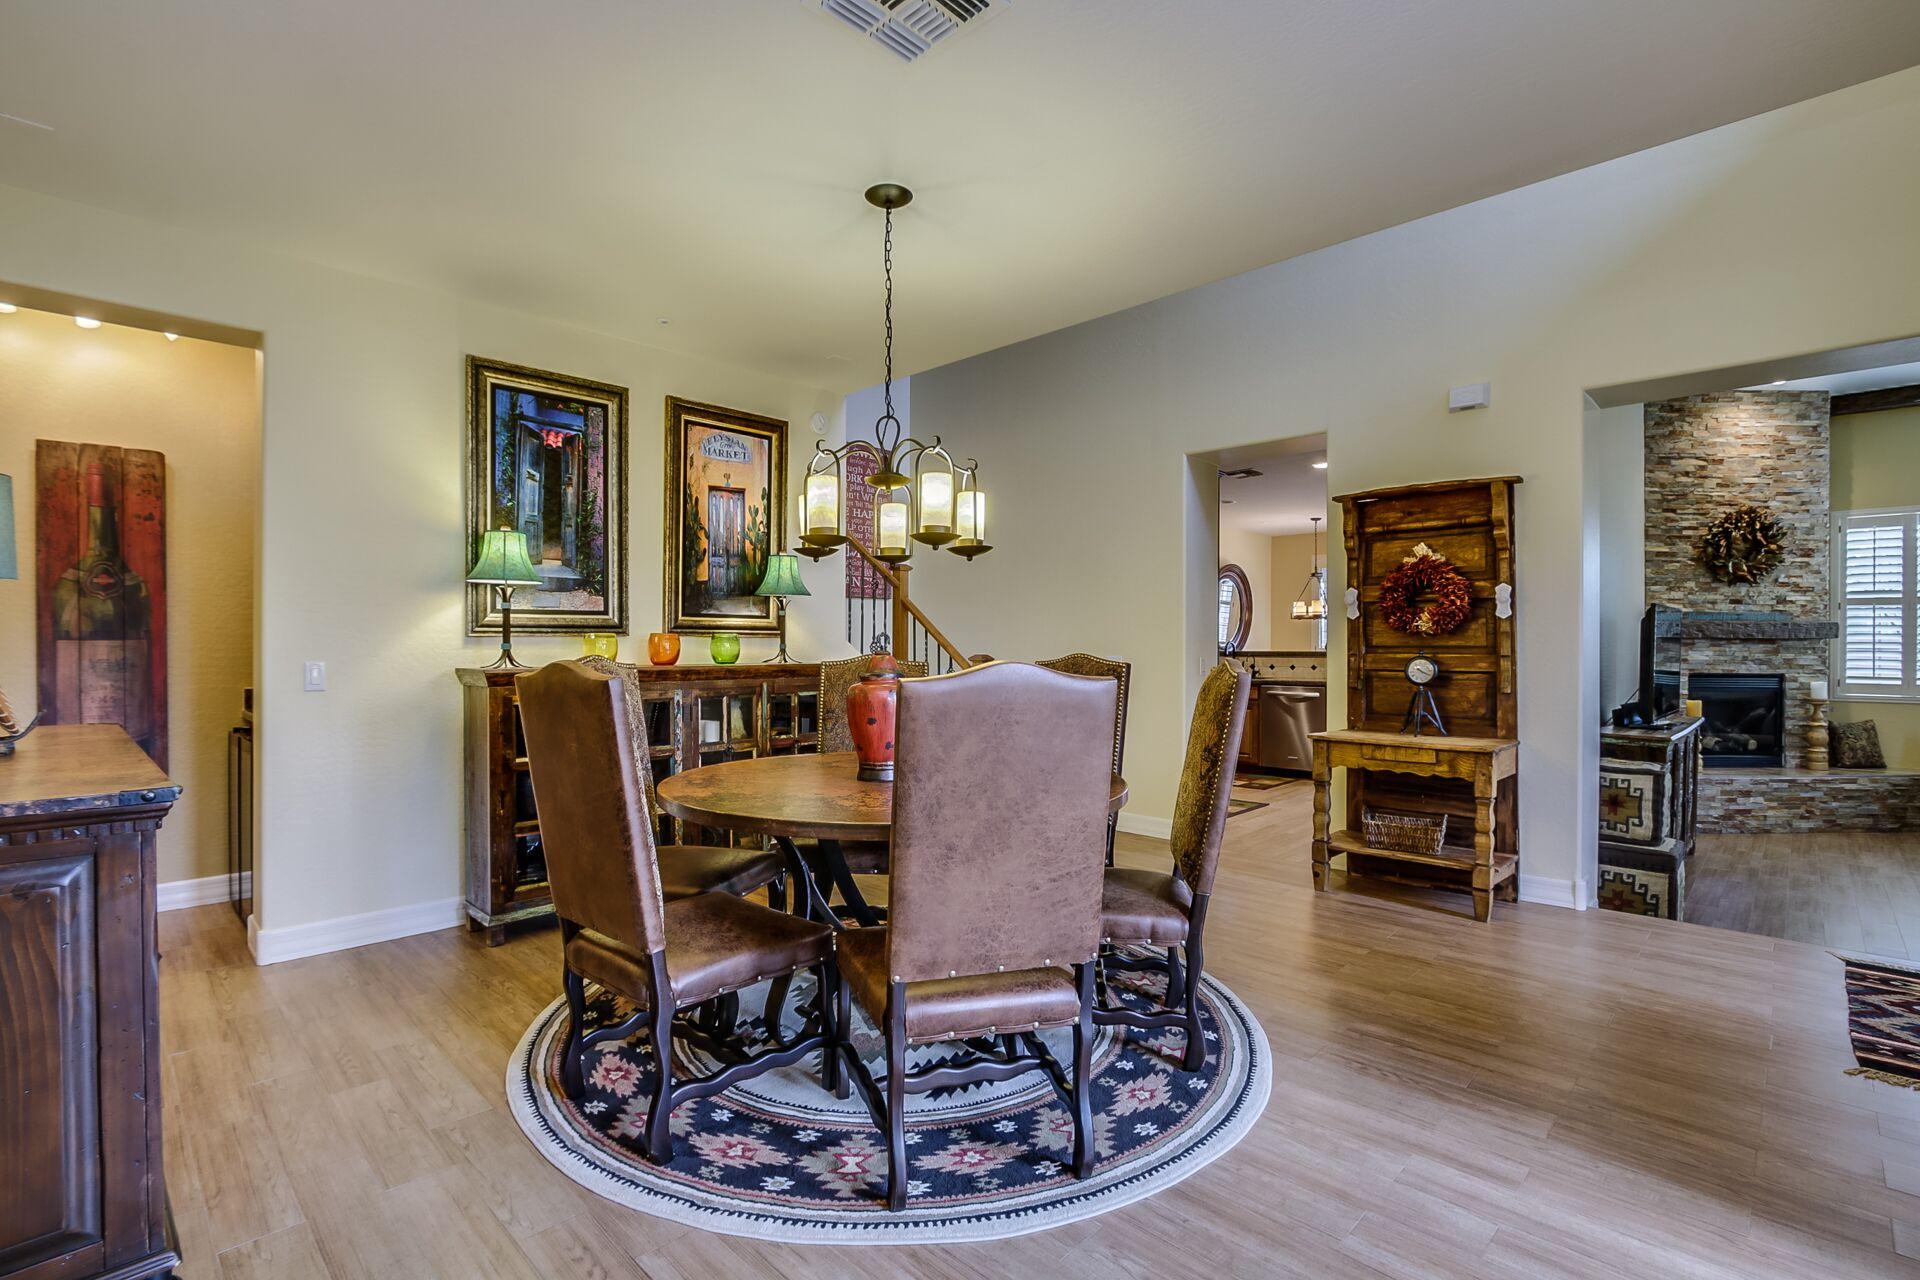 DC Ranch Townhouse 17665 N 93rd Way Scottsdale AZ 85255